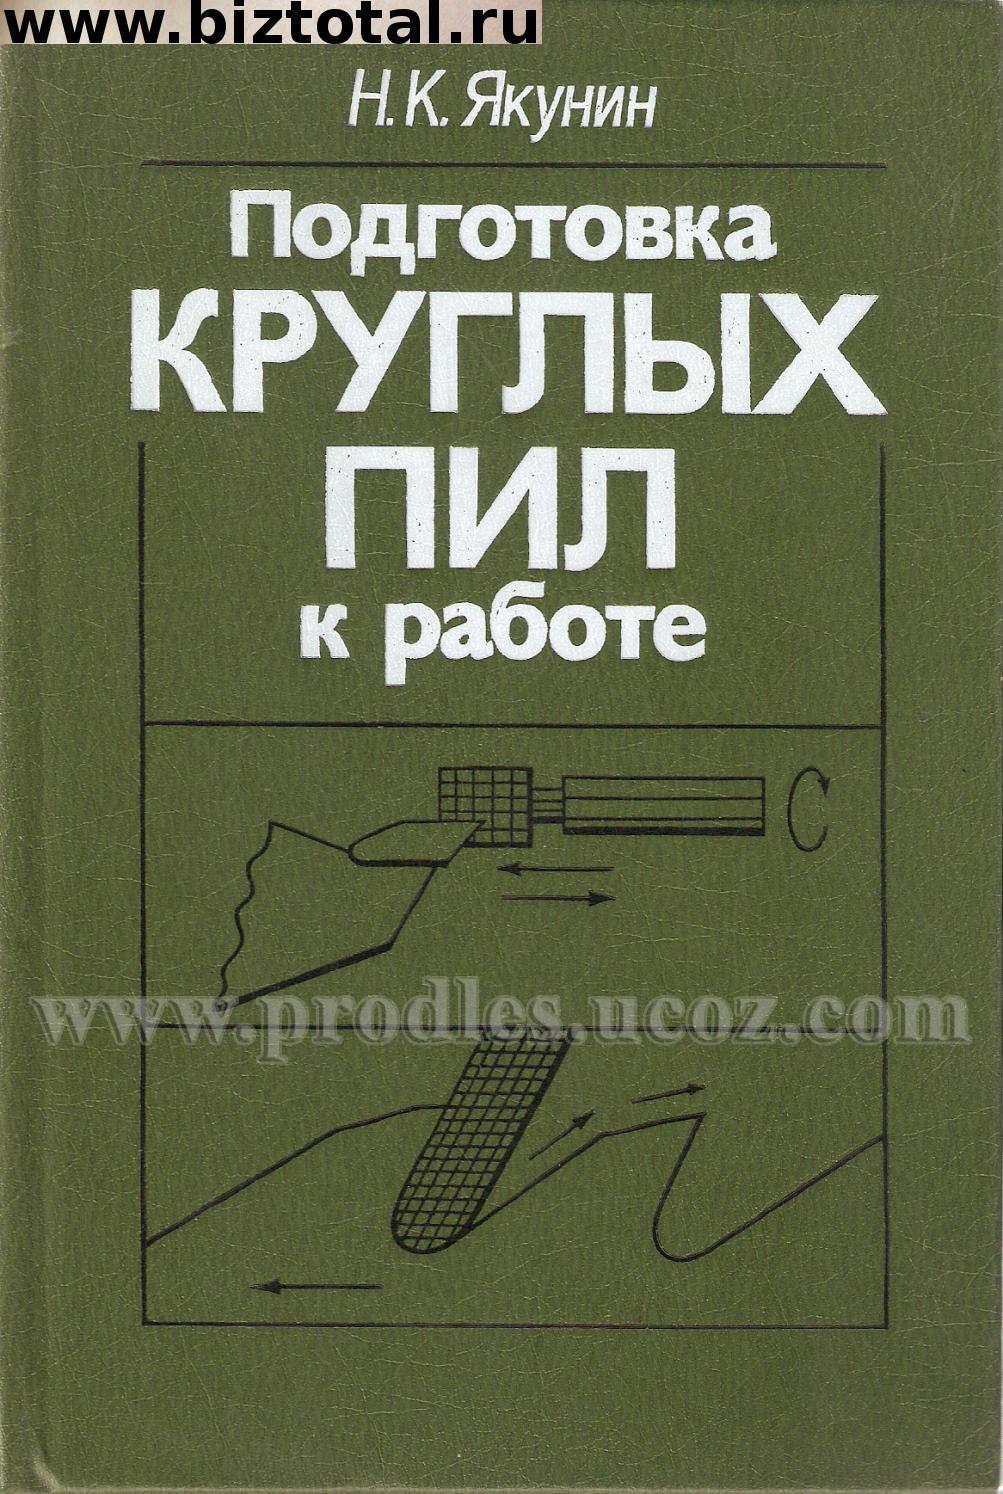 Литература учебная, справочная, техническая по лесопилению